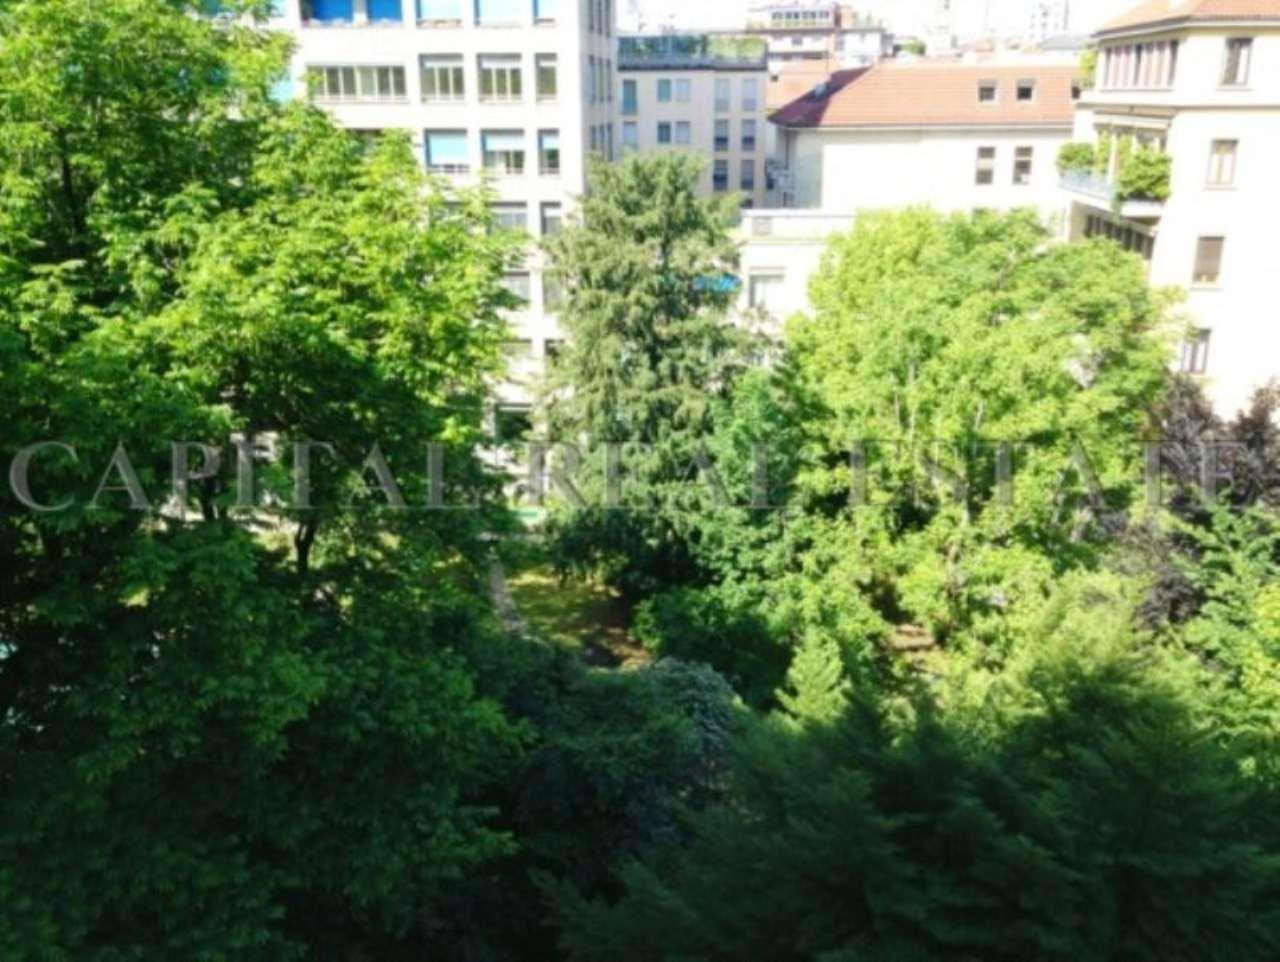 Appartamento in Vendita a Milano 01 Centro storico (Cerchia dei Navigli): 5 locali, 320 mq